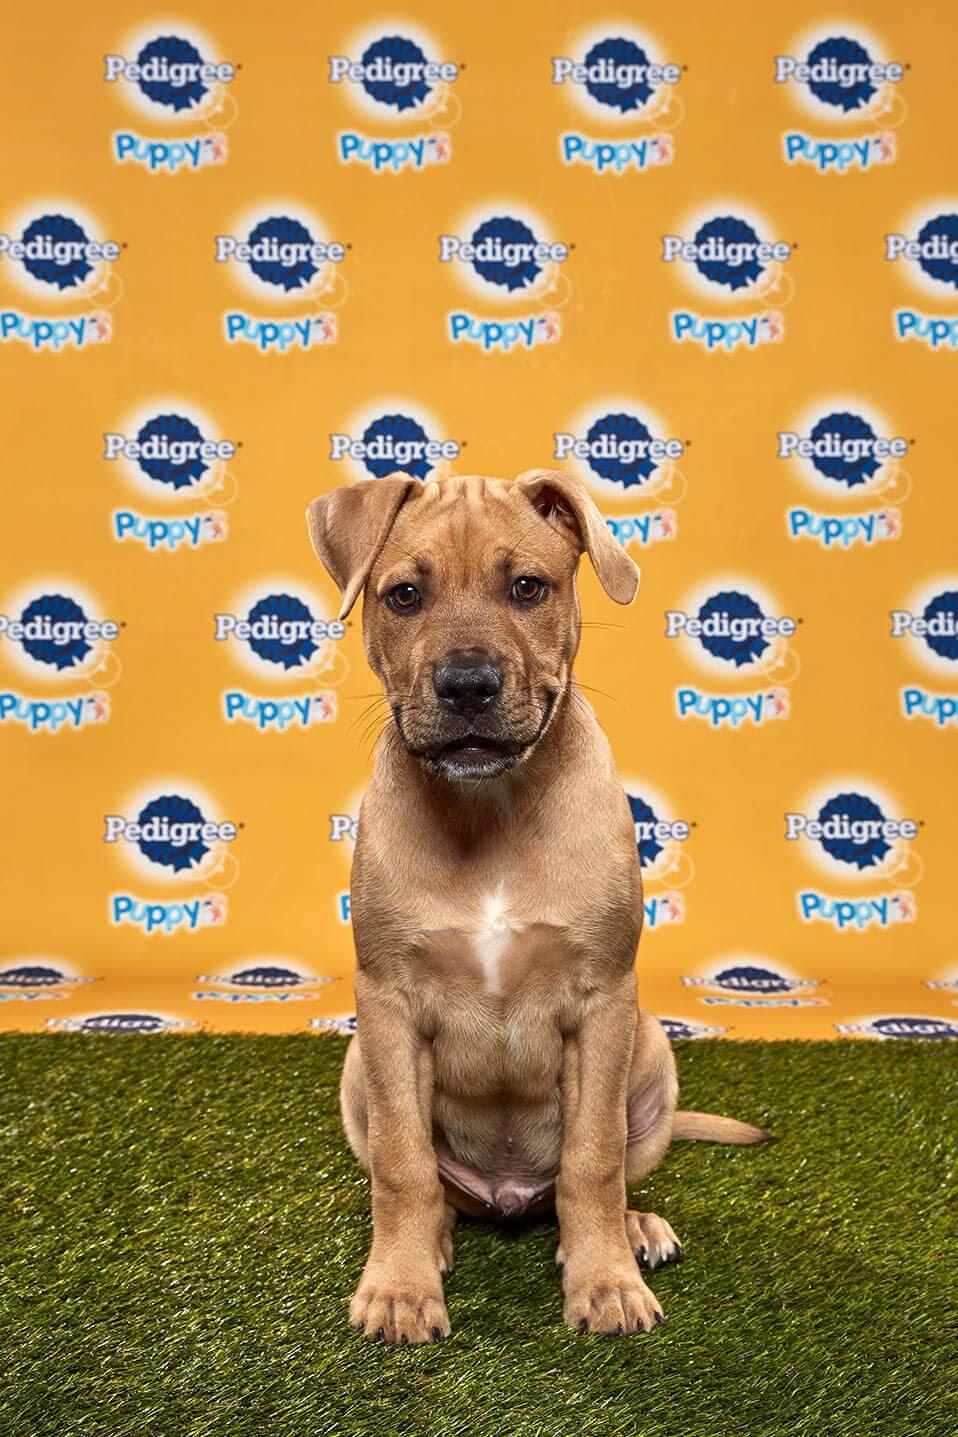 Kingery Dog - Animal Planet